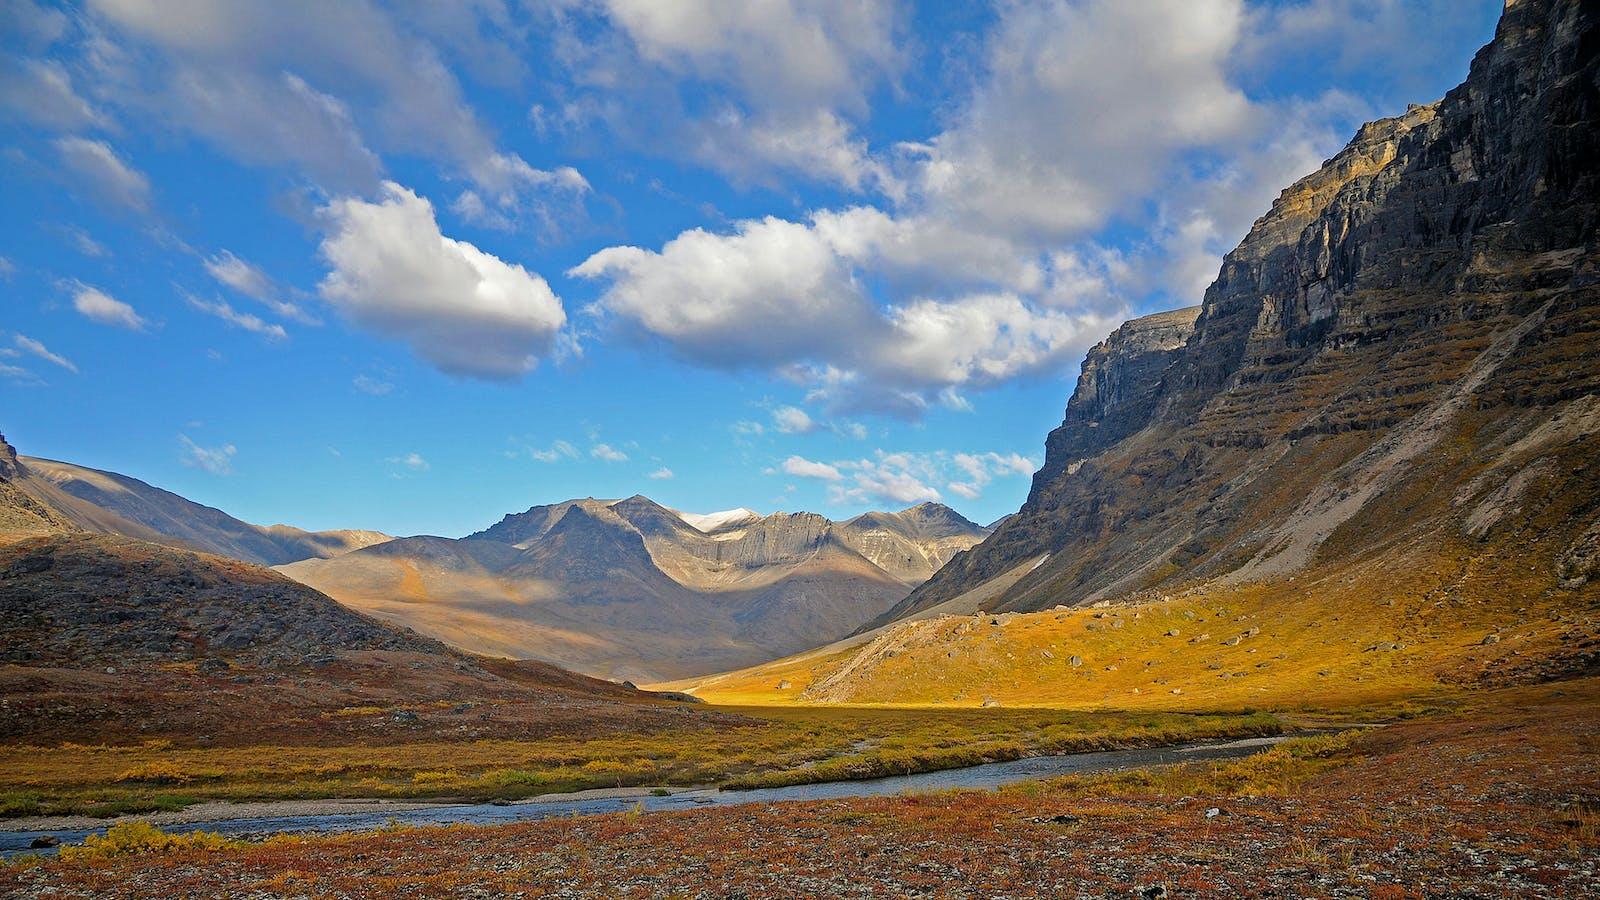 Brooks-British Range tundra